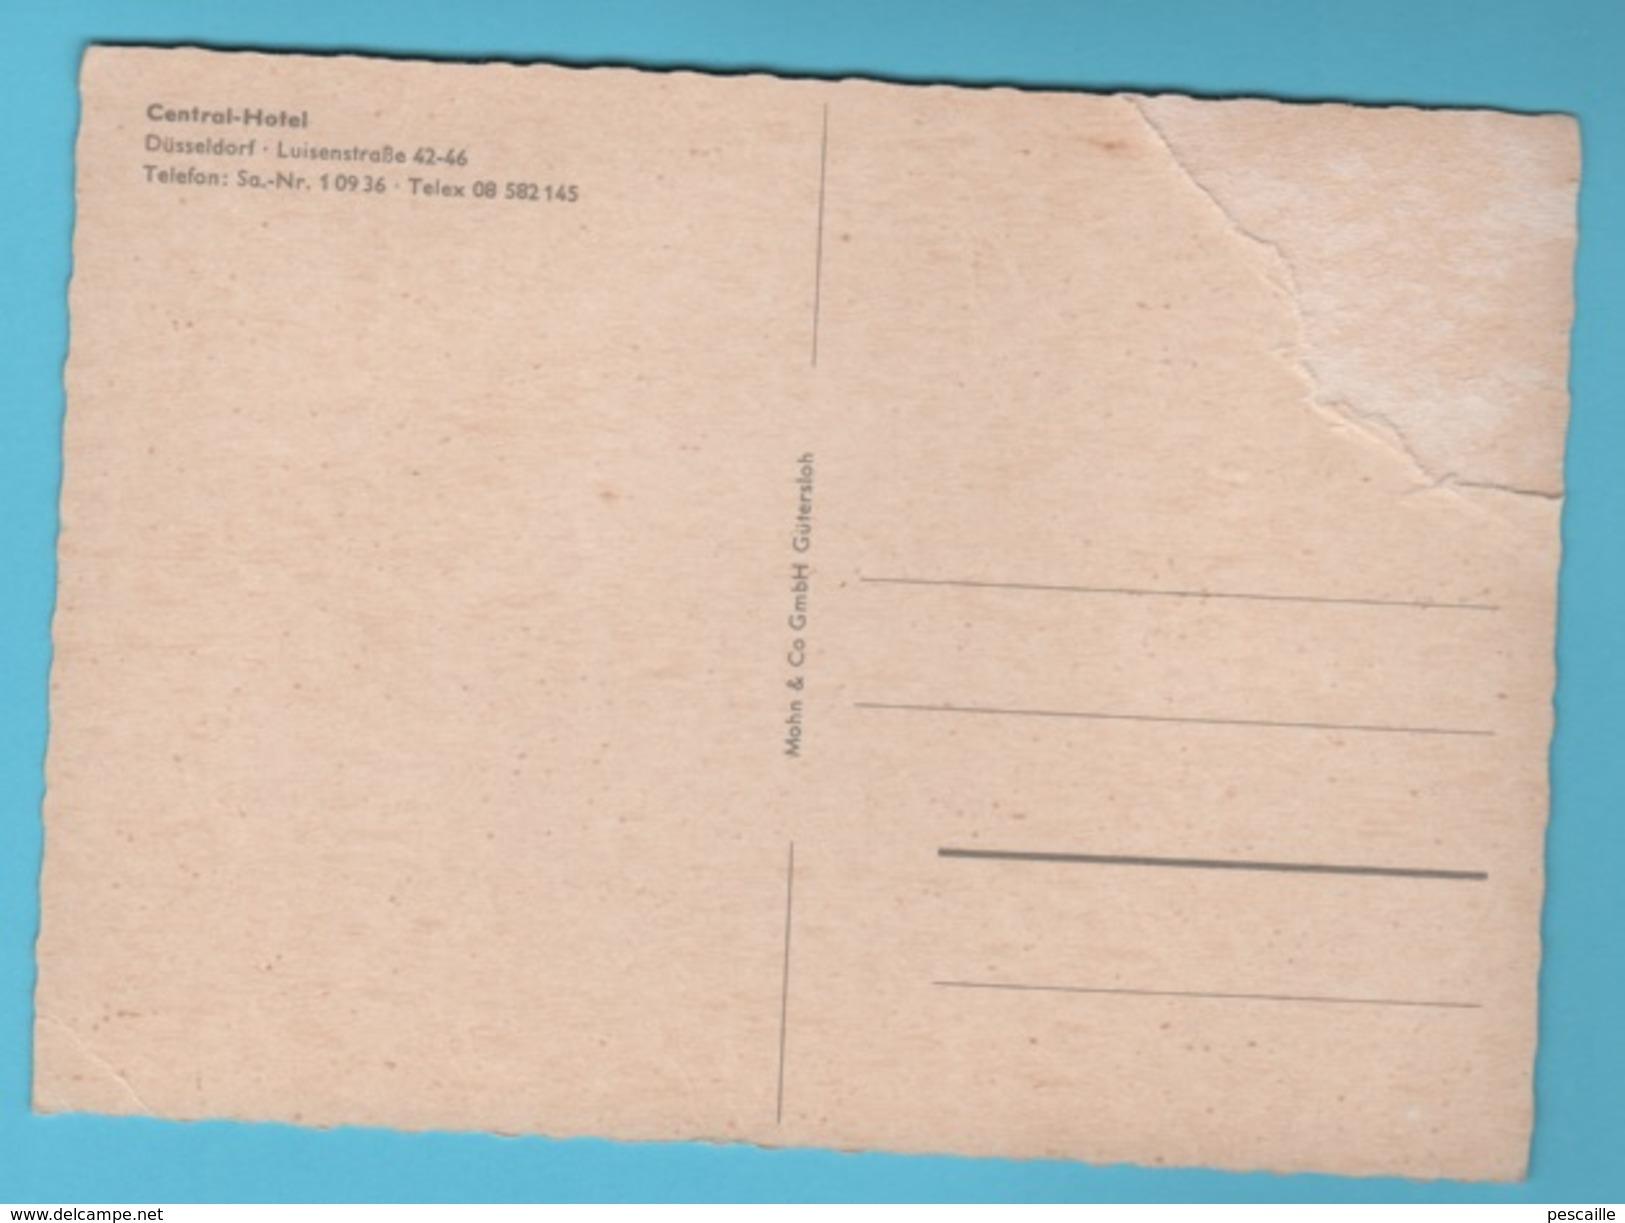 NORDRHEIN WESTFALEN - CP CENTRAL HOTEL DÜSSELDORF LUISENSTRAßE 42-46 - MAHN & Co GMBH GÜTERSLOH - AUTOS CITROËN DS Etc - Duesseldorf